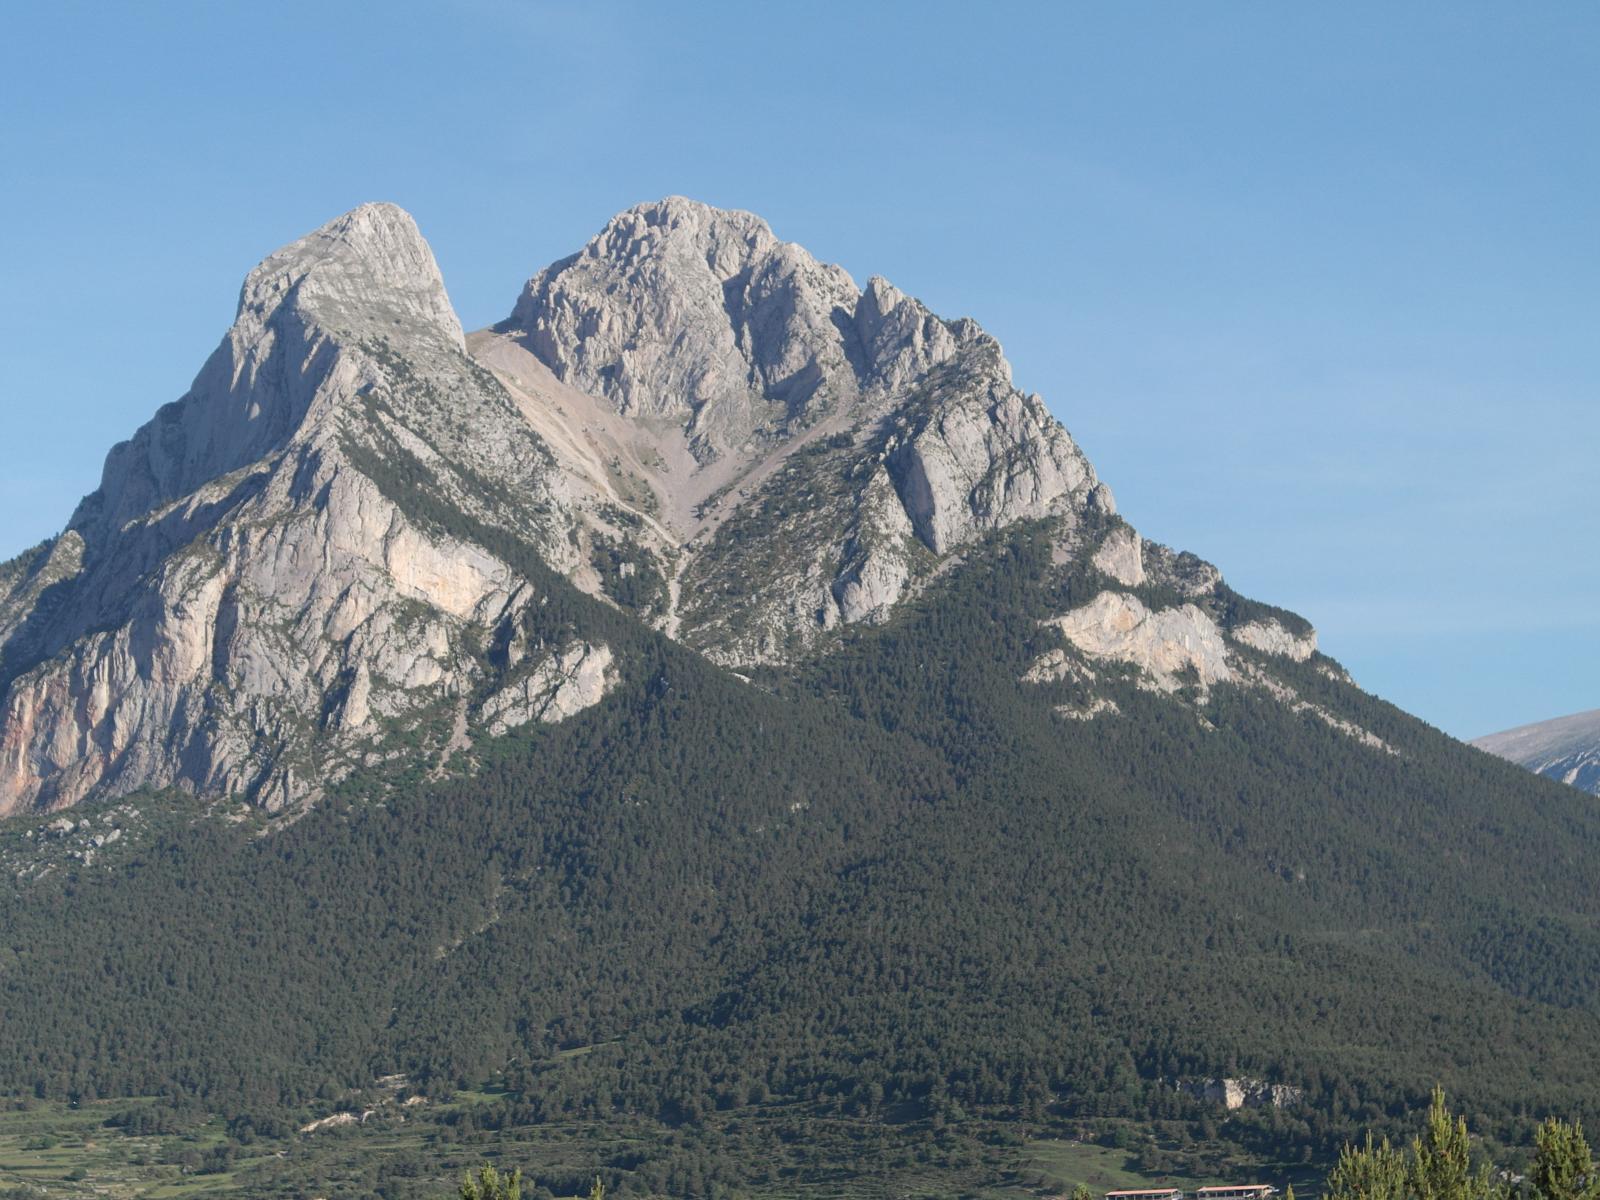 Ascenso al Pedraforca en el día. Emblema del prepirineo catalán